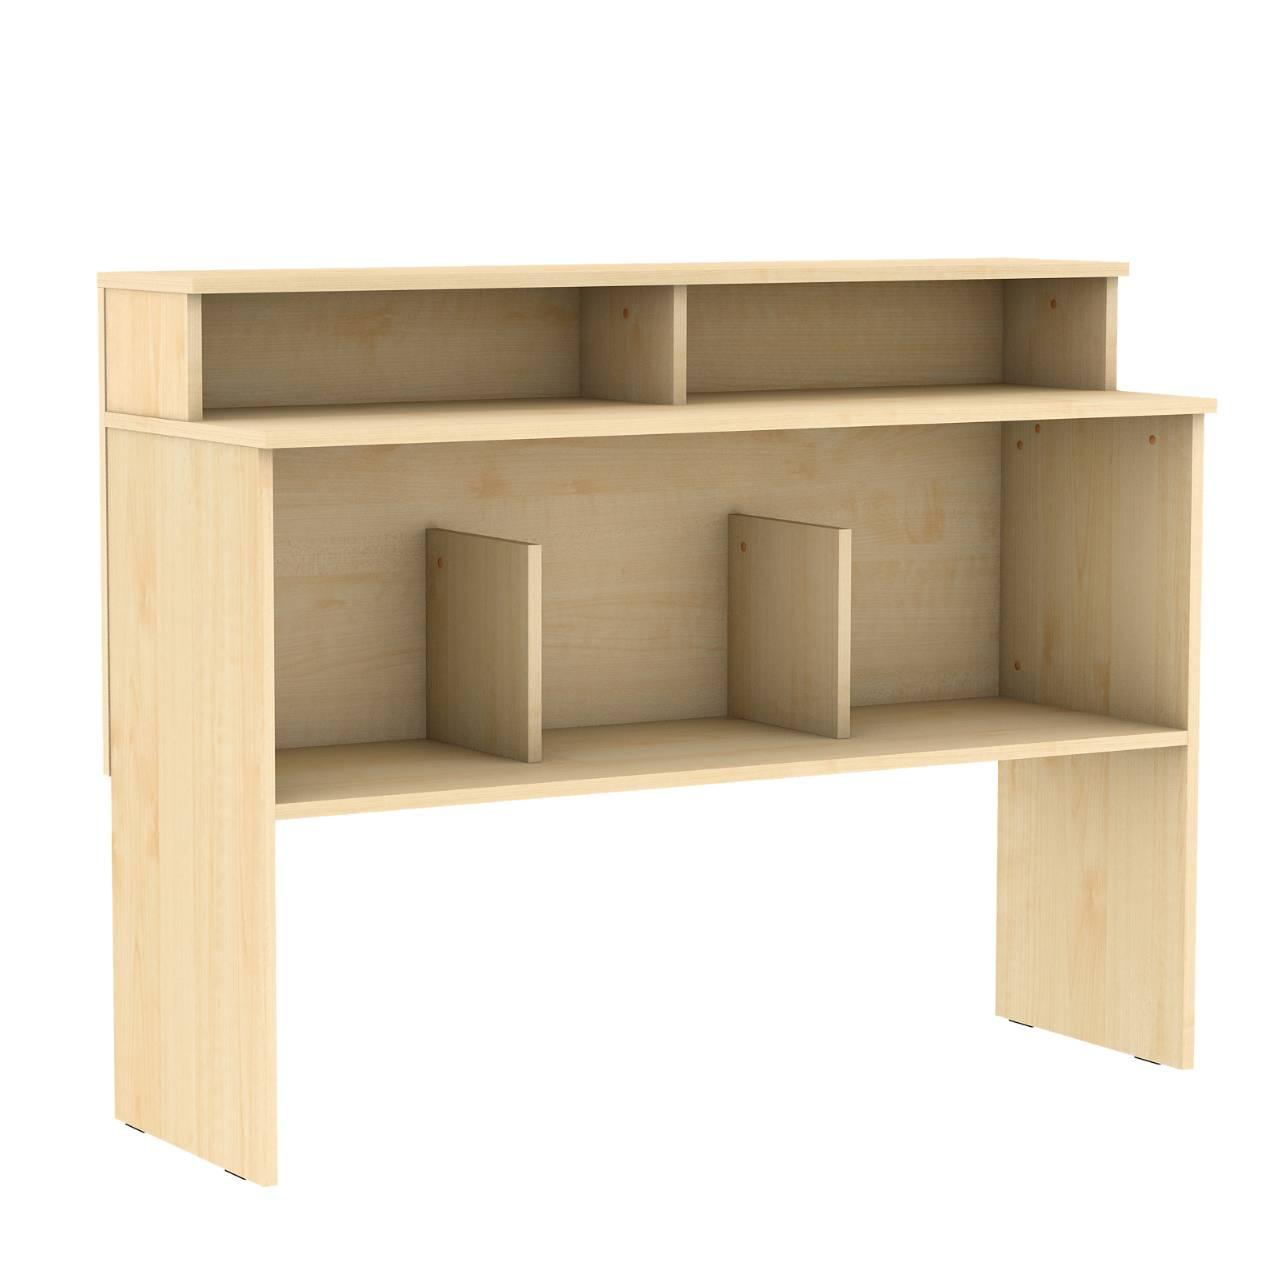 Стол барьер библиотечный Клен Меламин